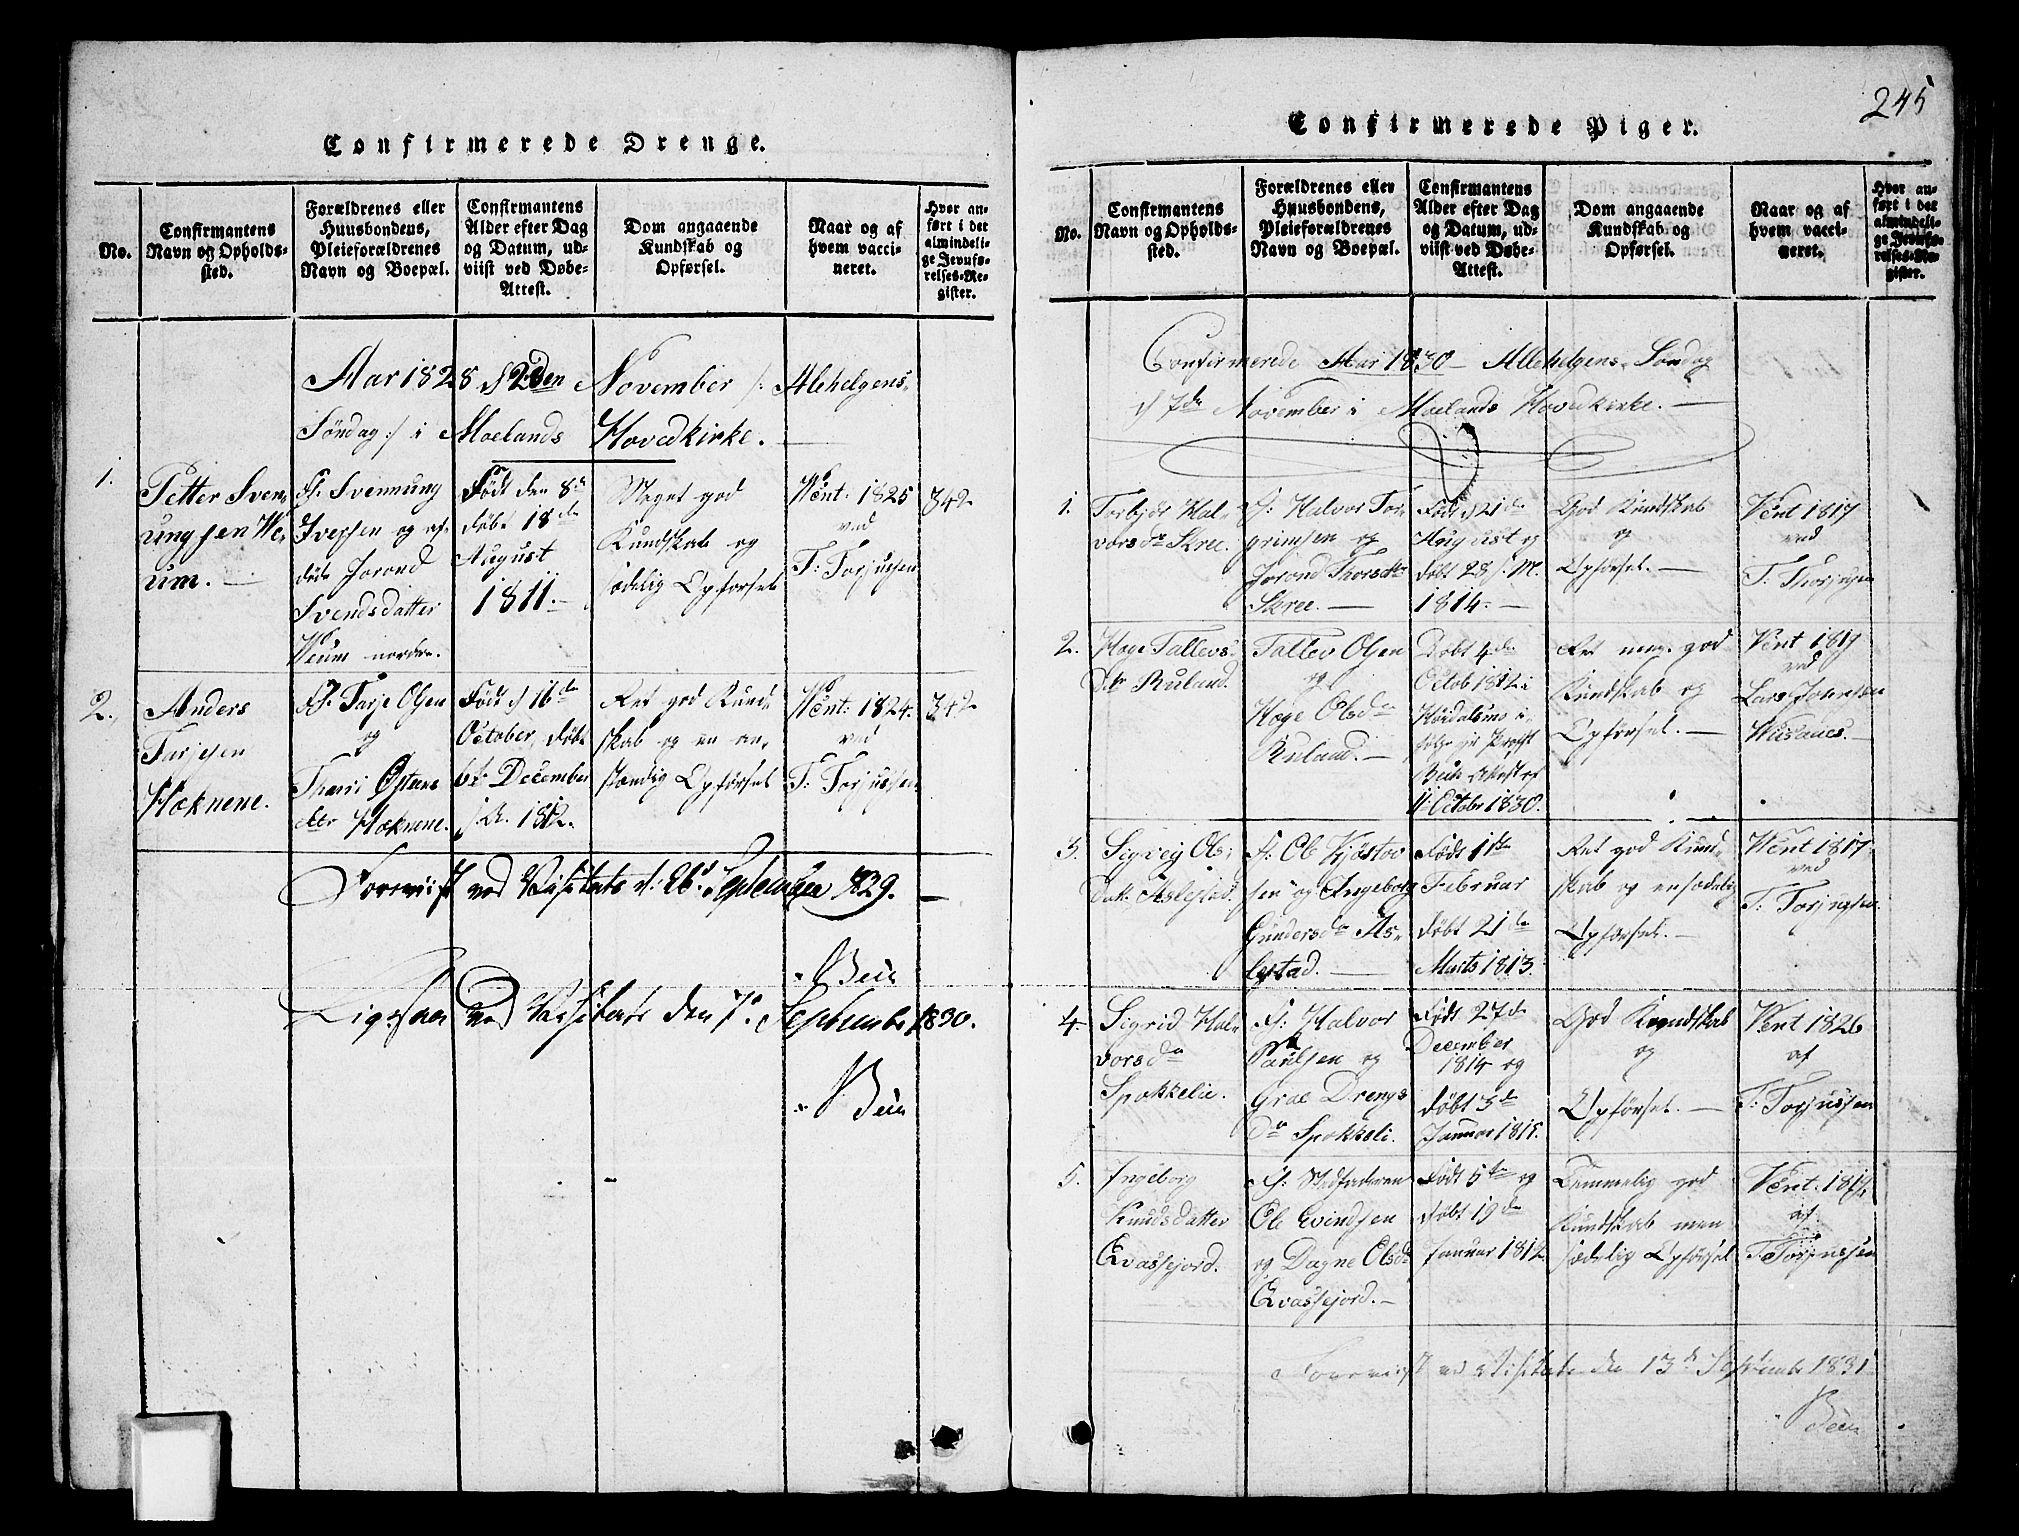 SAKO, Fyresdal kirkebøker, G/Ga/L0003: Klokkerbok nr. I 3, 1815-1863, s. 245